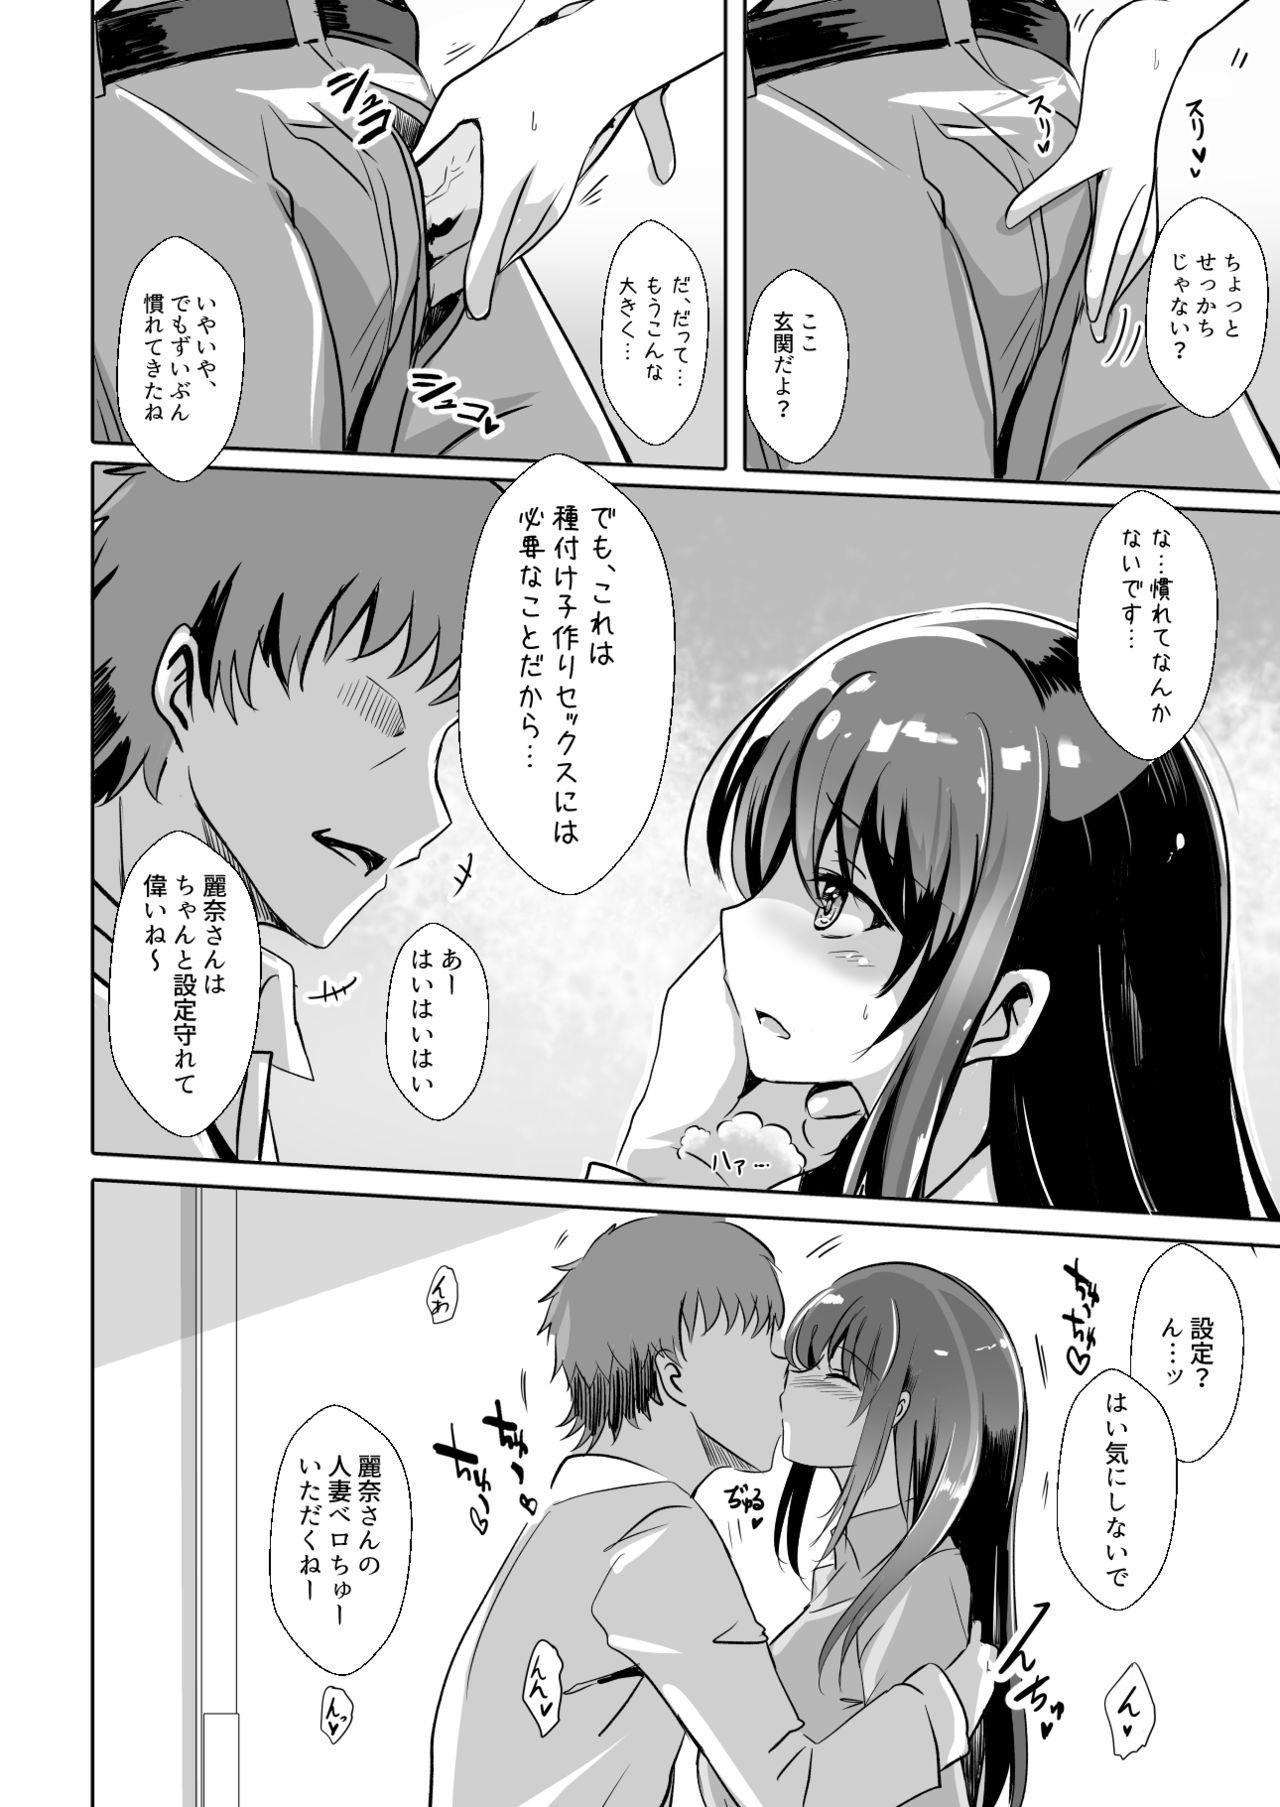 Hitozuma o Saimin Ecchi de Haramaseru made 5